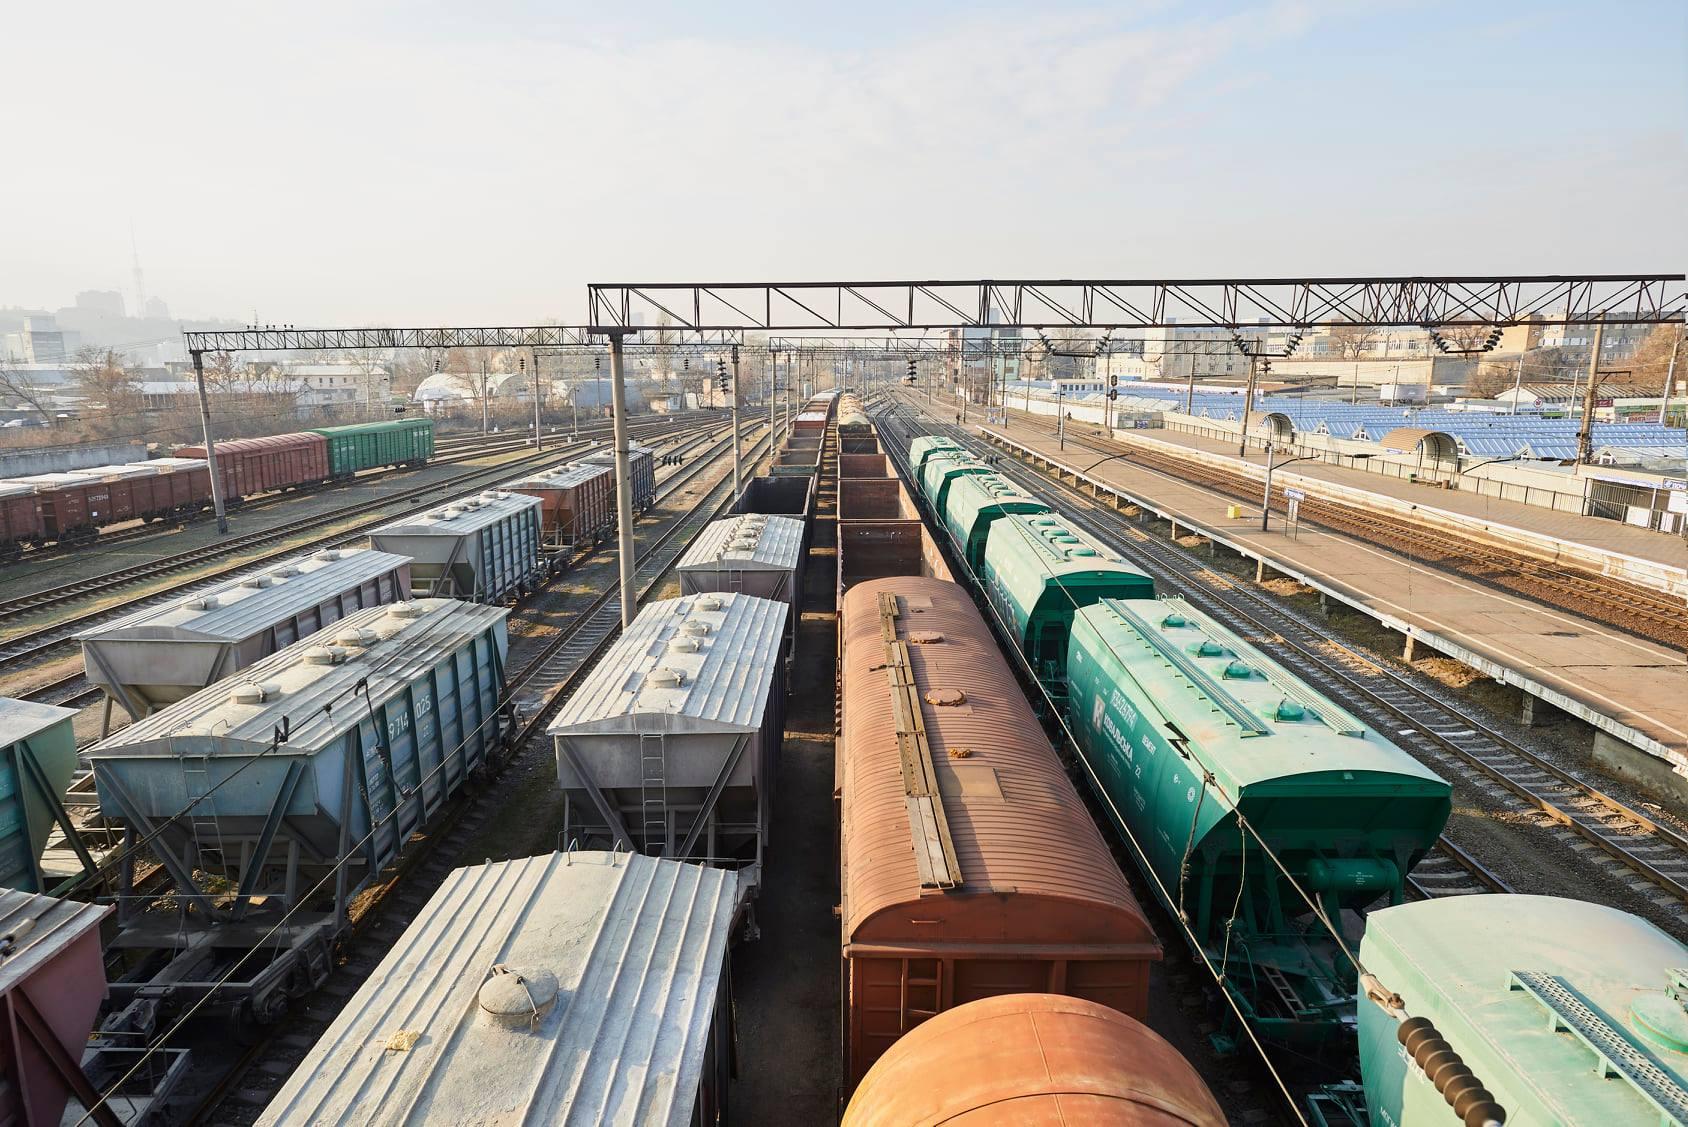 За пільгові перевезення Укрзалізниці компенсували лише 28% - Укрзалізниця, компенсація, Заборгованість - 140338465 3953932707973821 1413180658379716318 o